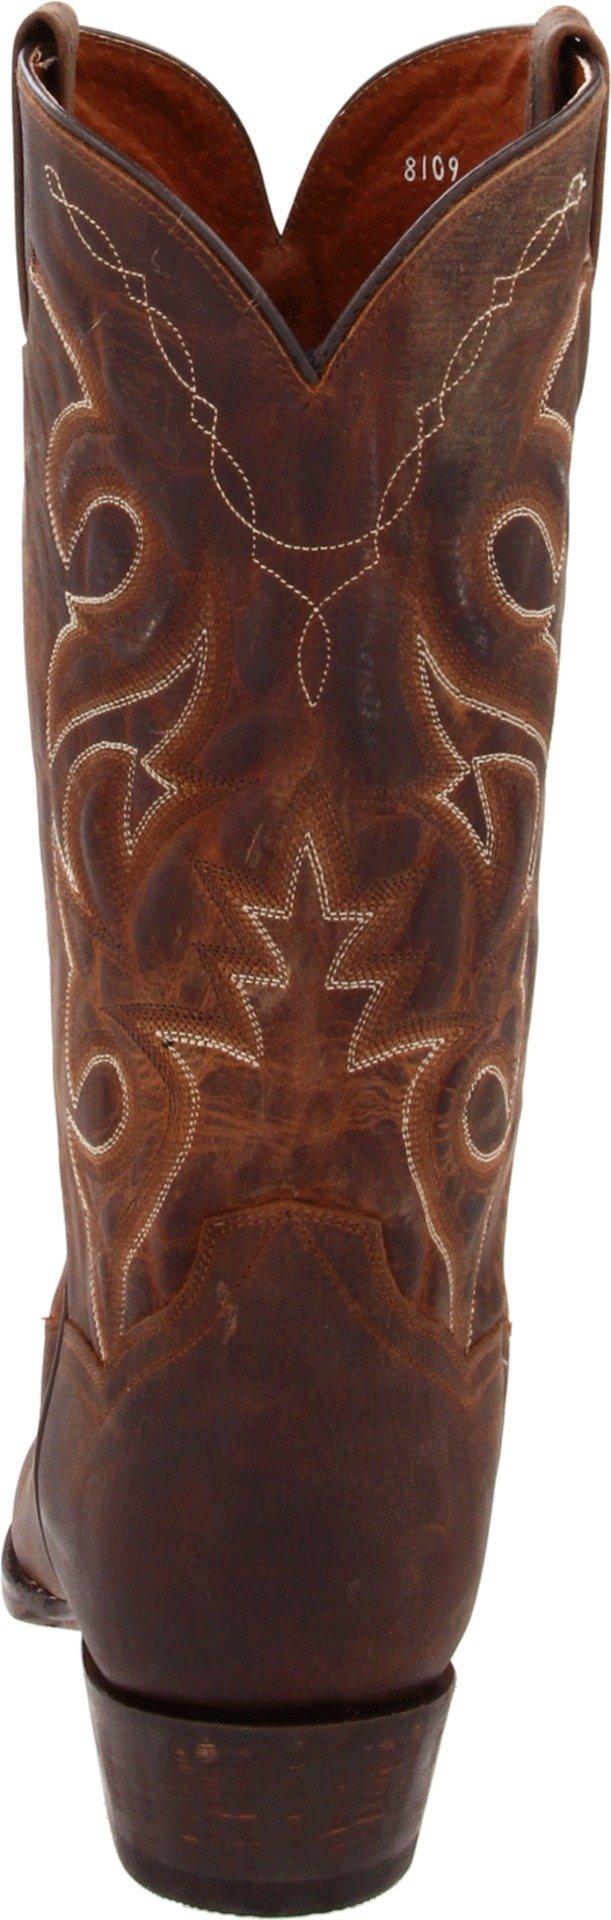 Dan Post Men's Renegade Western Boot,Bay Apache,11 D US by Dan Post Boot Company (Image #2)